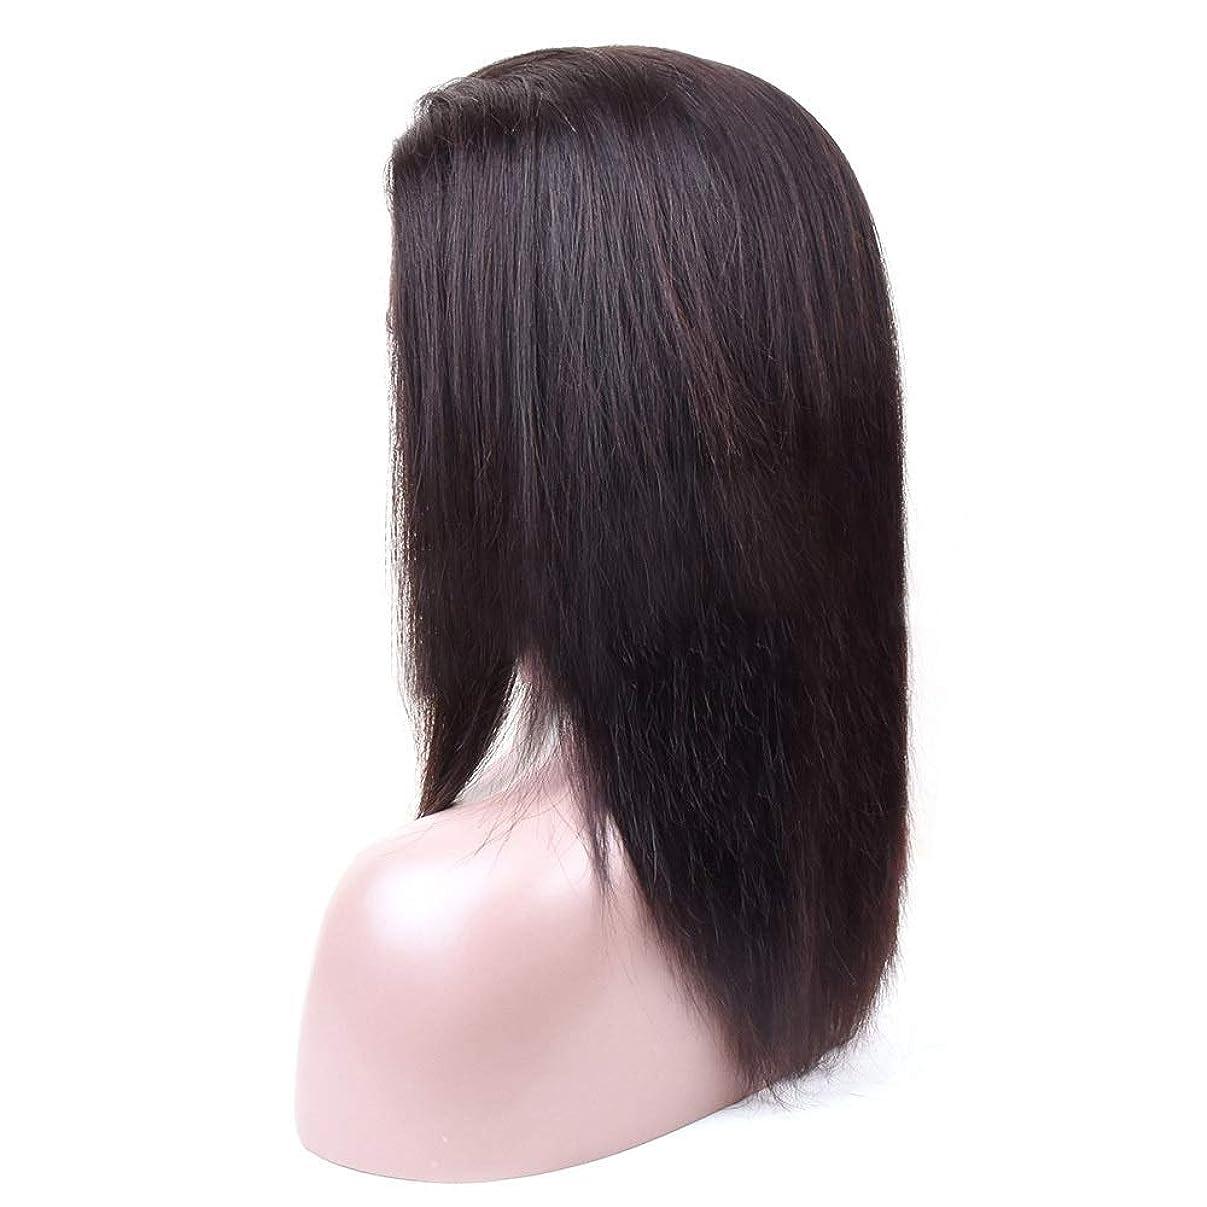 皿概念ニッケルYrattary ブラジルのレースのかつら女性の合成かつらレースのかつらロールプレイングかつらバージンの人毛グルーレス360レース前頭人毛のかつら (色 : 黒, サイズ : 20 inch)